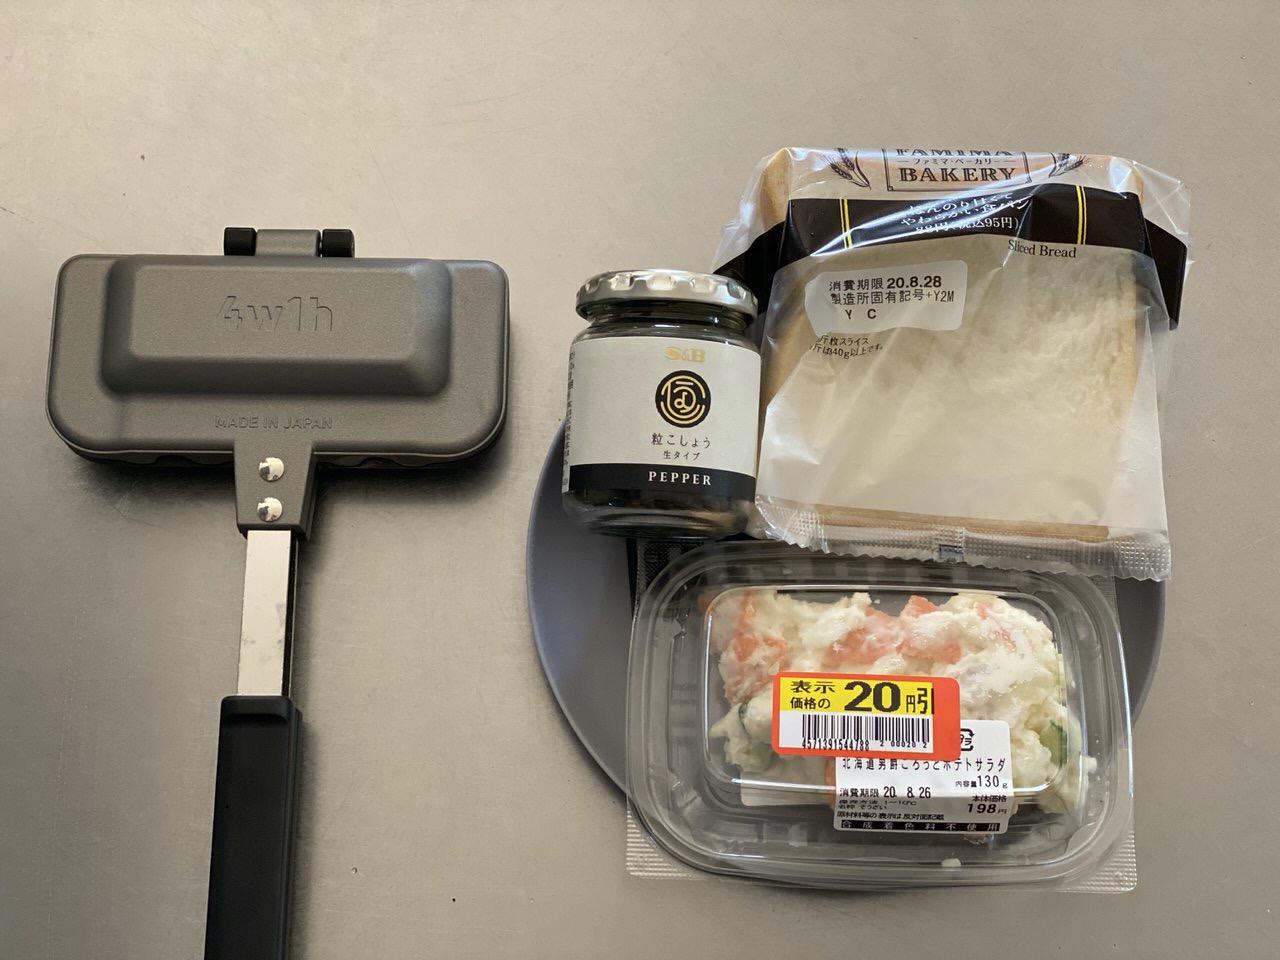 【レシピ】「ホットサンドソロ」ポテトサラダ 1